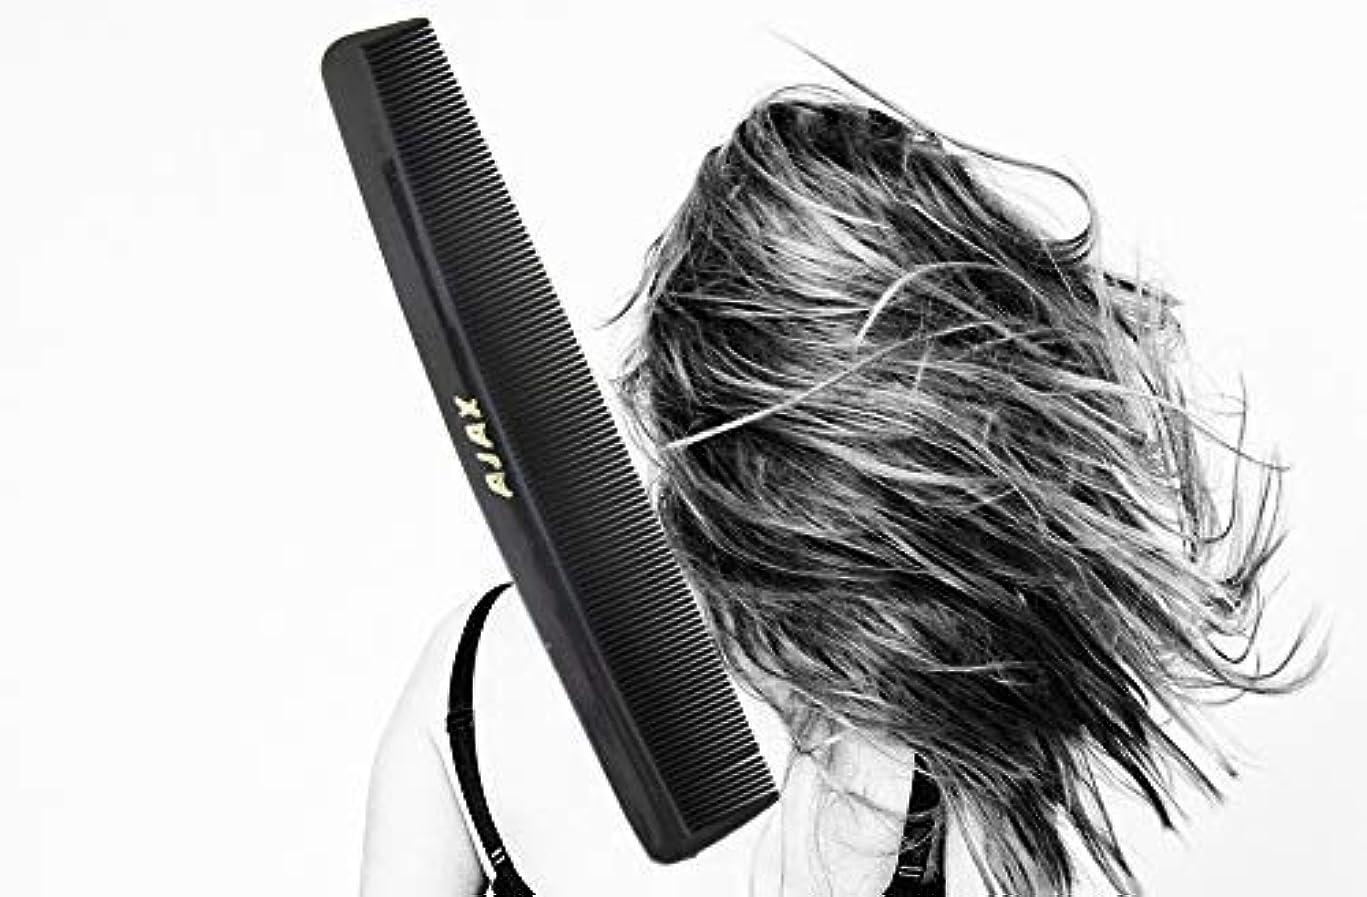 ストライド小数傷つきやすいAjax Unbreakable Hair Combs Super Flexible Pocket Sized - Proudly Made in the USA (Pack of 6) [並行輸入品]